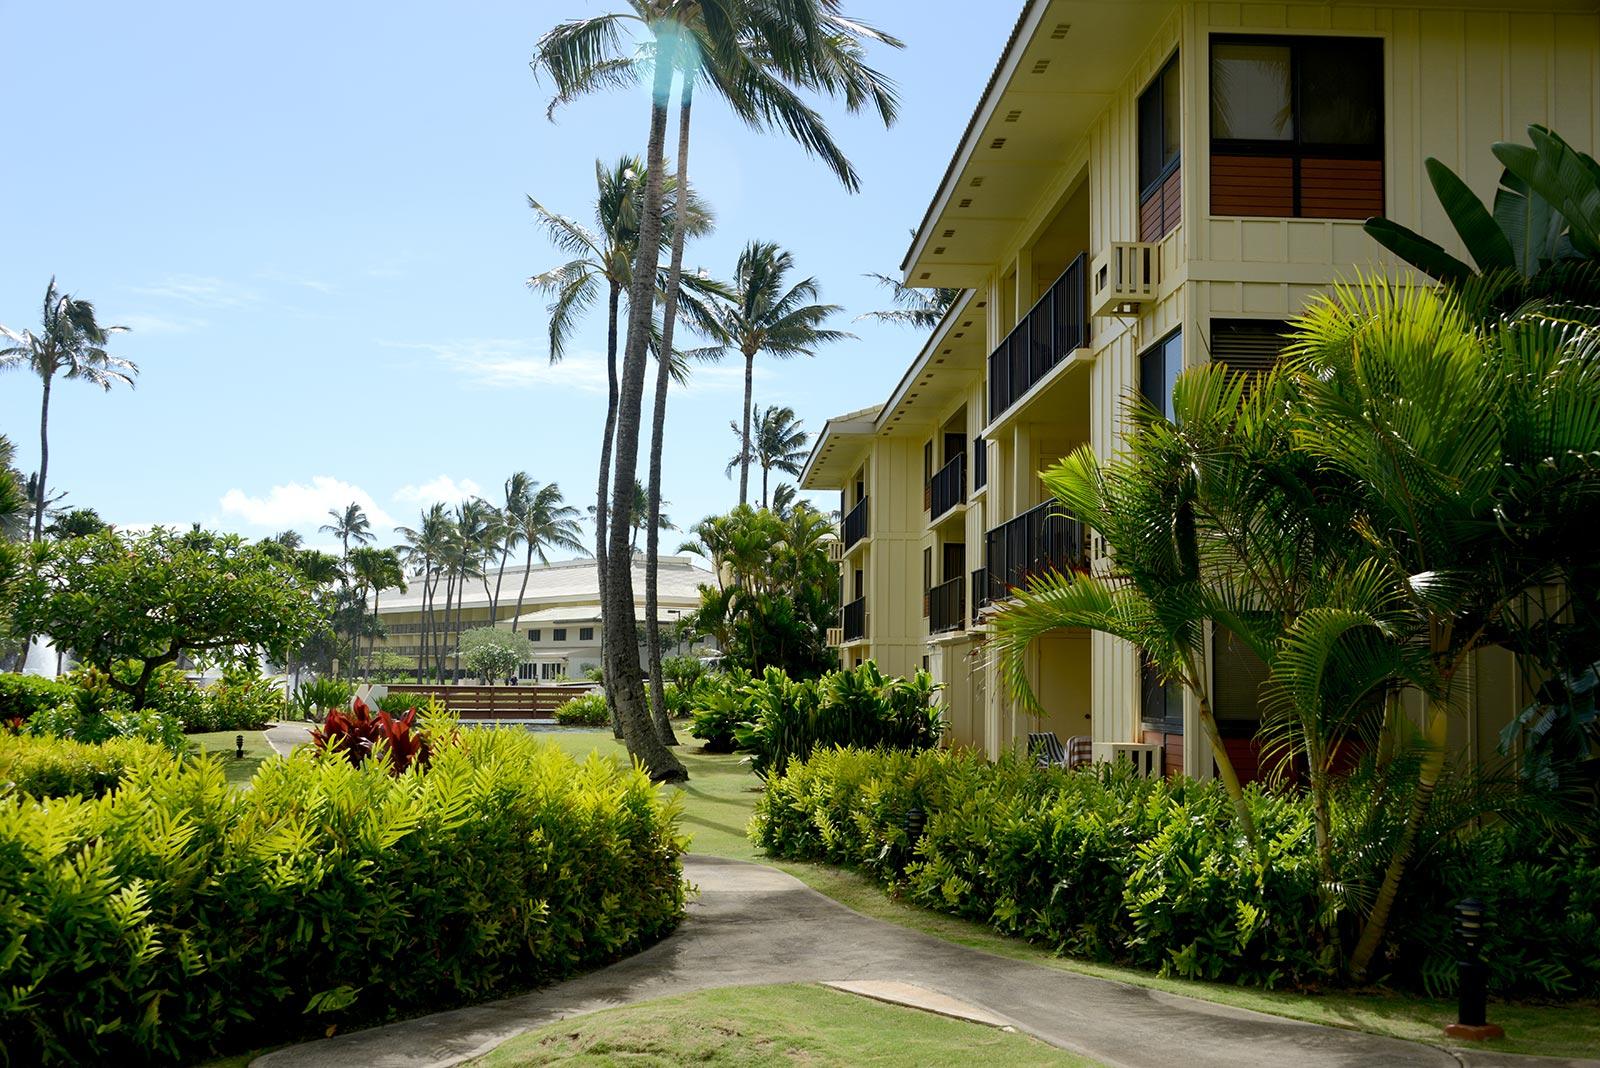 pahio-at-kauai-beach-villas-18